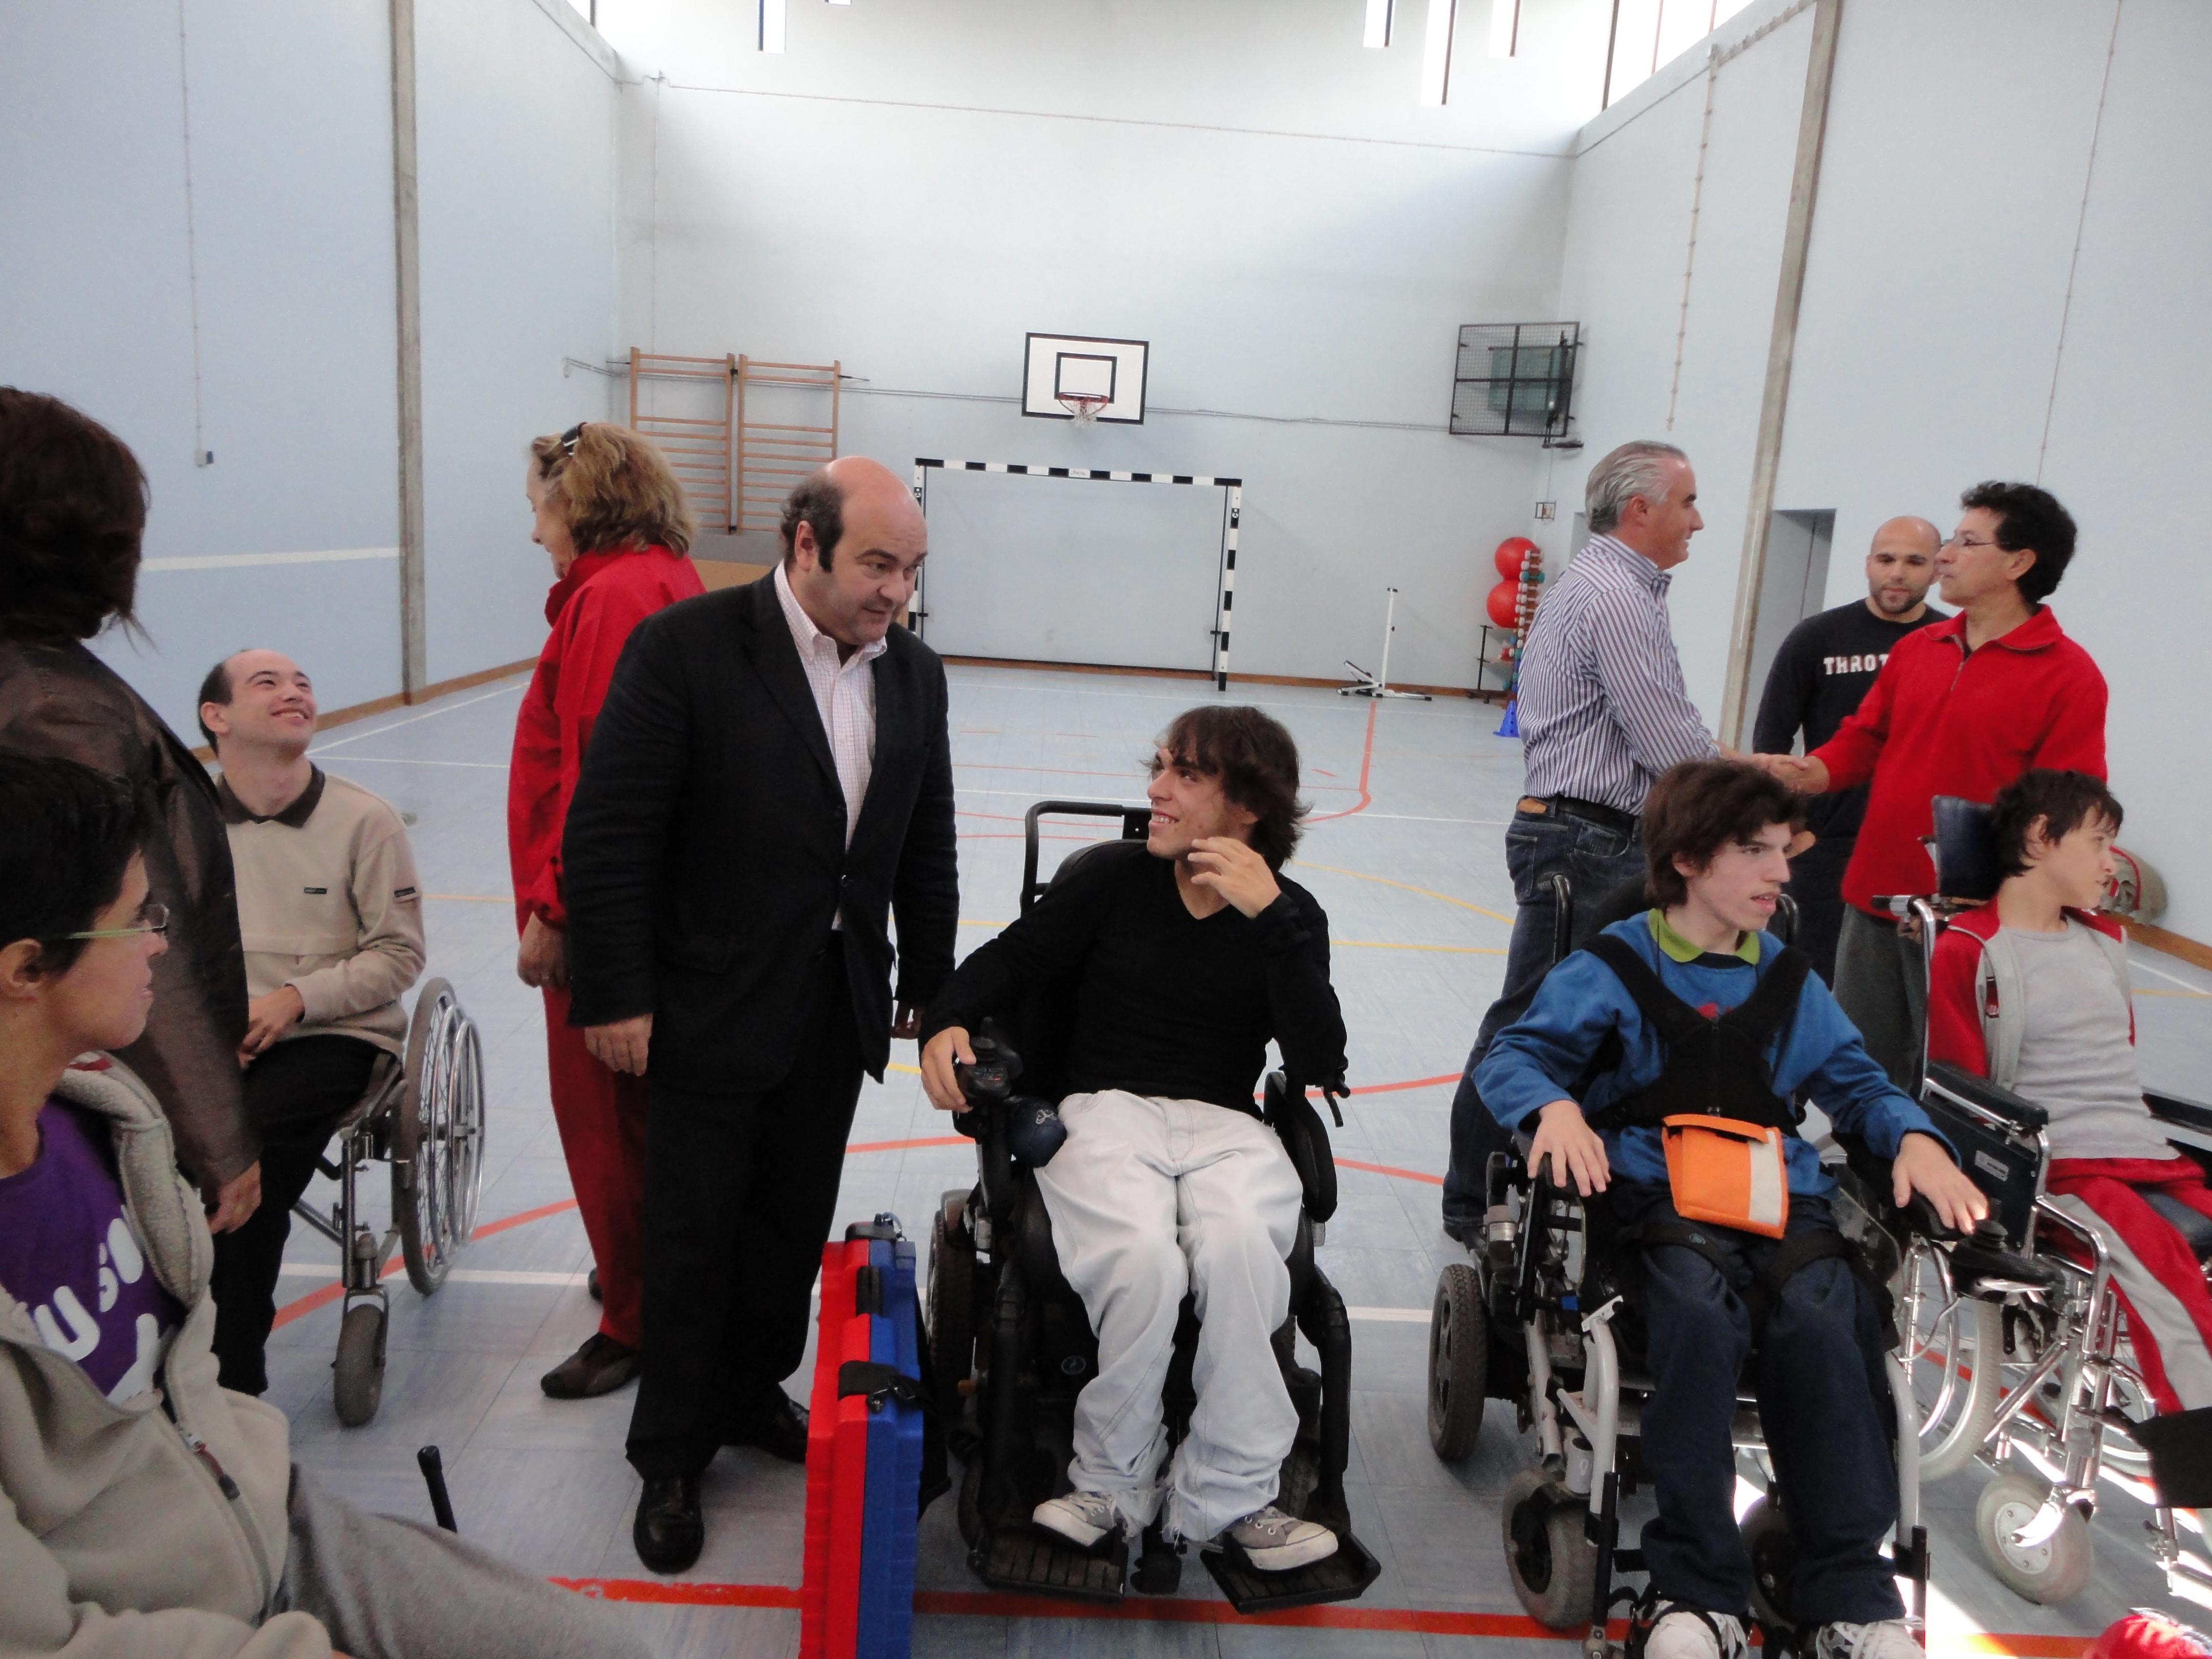 Inauguração do centro municipal de treino de boccia foi inaugurado pelo presidente da autarquia, Hermínio Loureiro